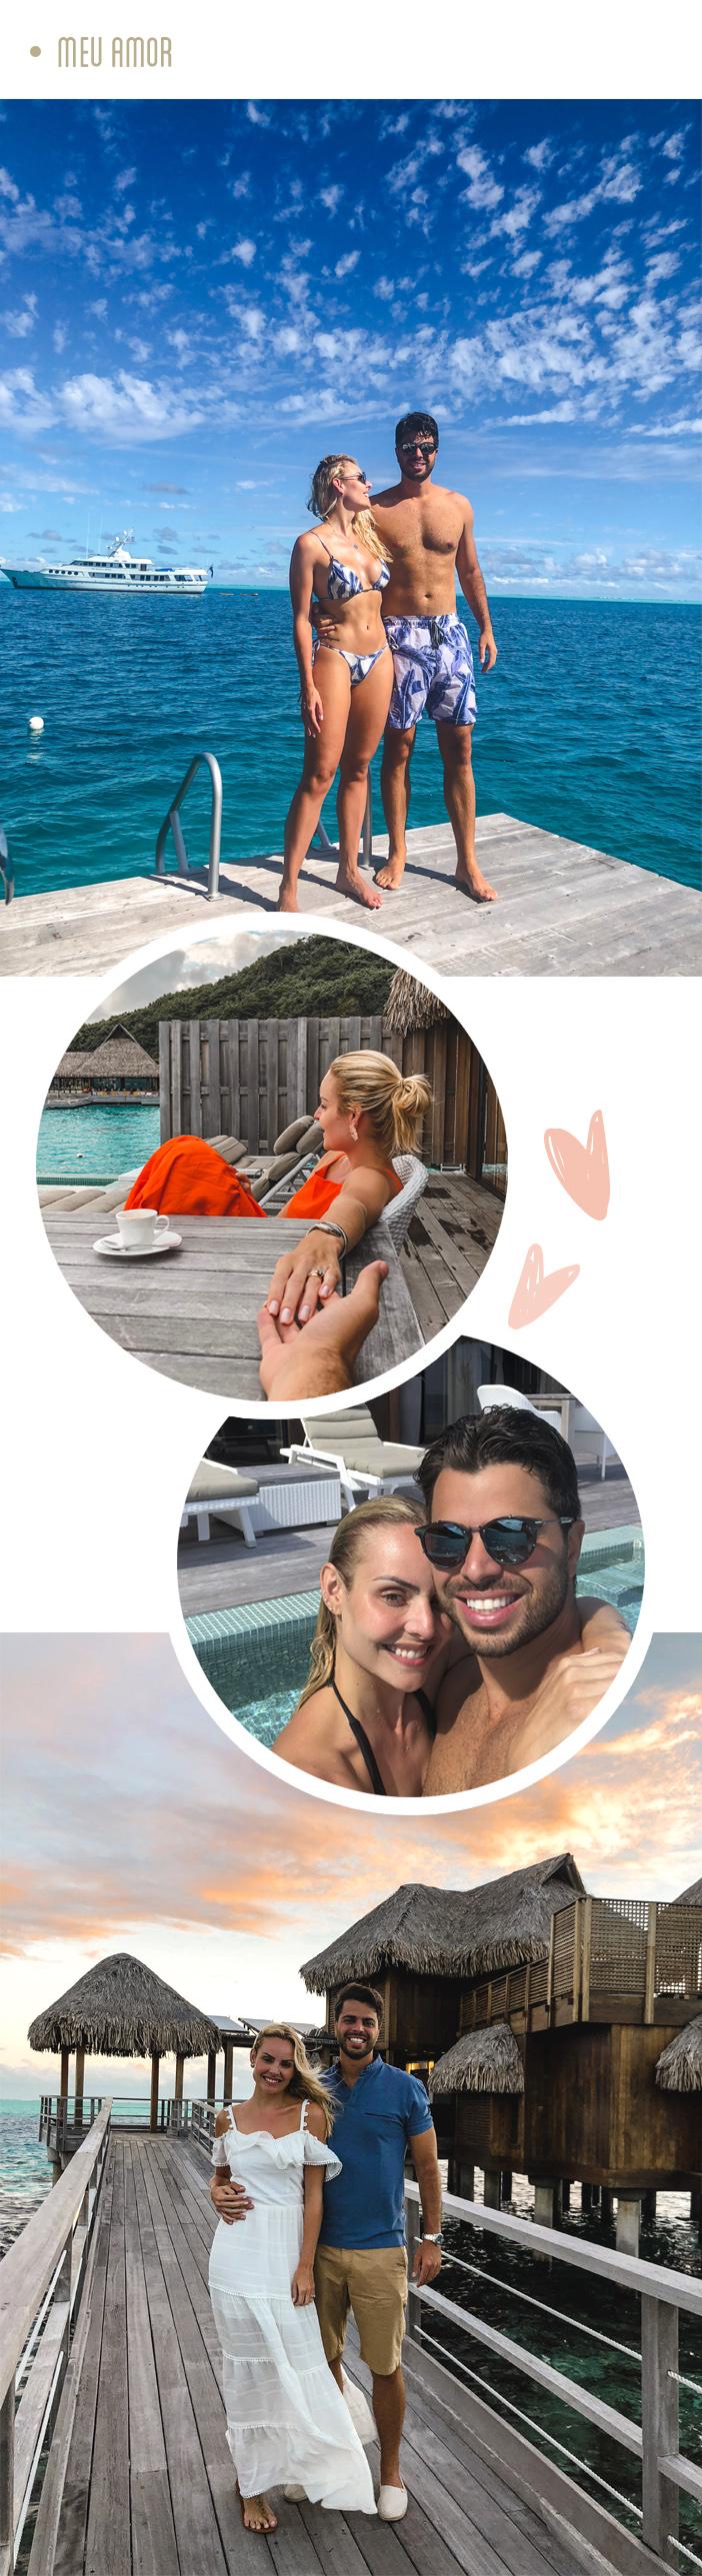 Diário de Bordo - Lua de Mel em Bora Bora - Meu Amor